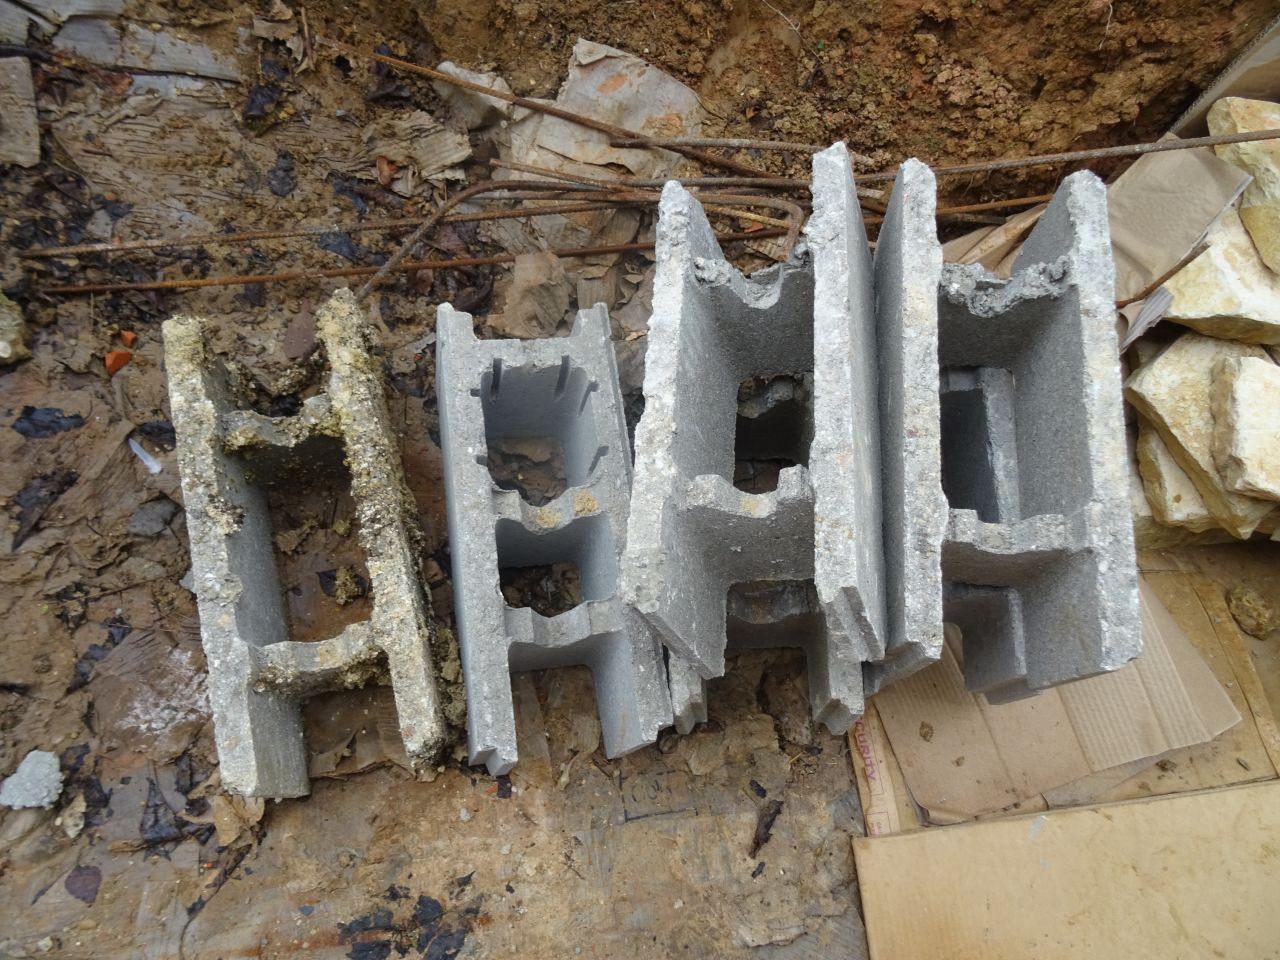 Les briques de récup avec lesquelles ils vont nous faire de beaux murs de soutènement...